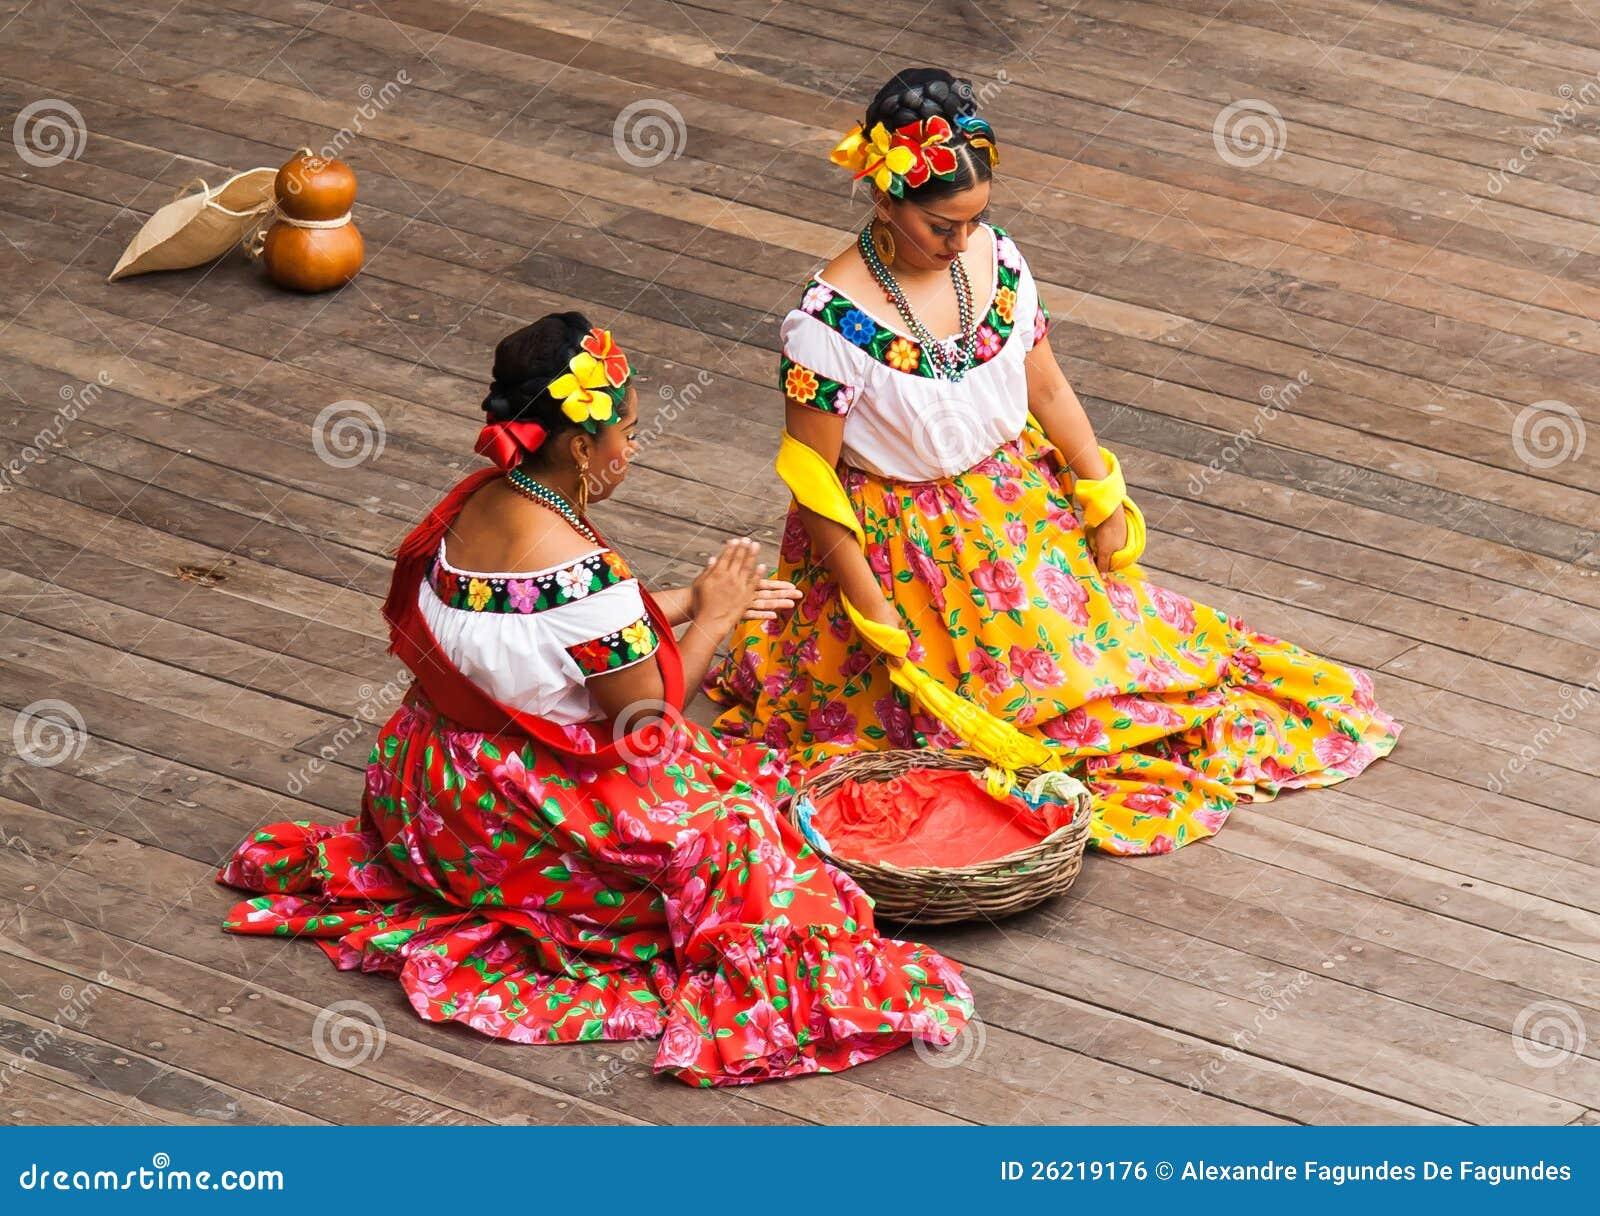 2d8e80100b38f Dança mexicana típica imagem editorial. Imagem de amarelo - 26235220